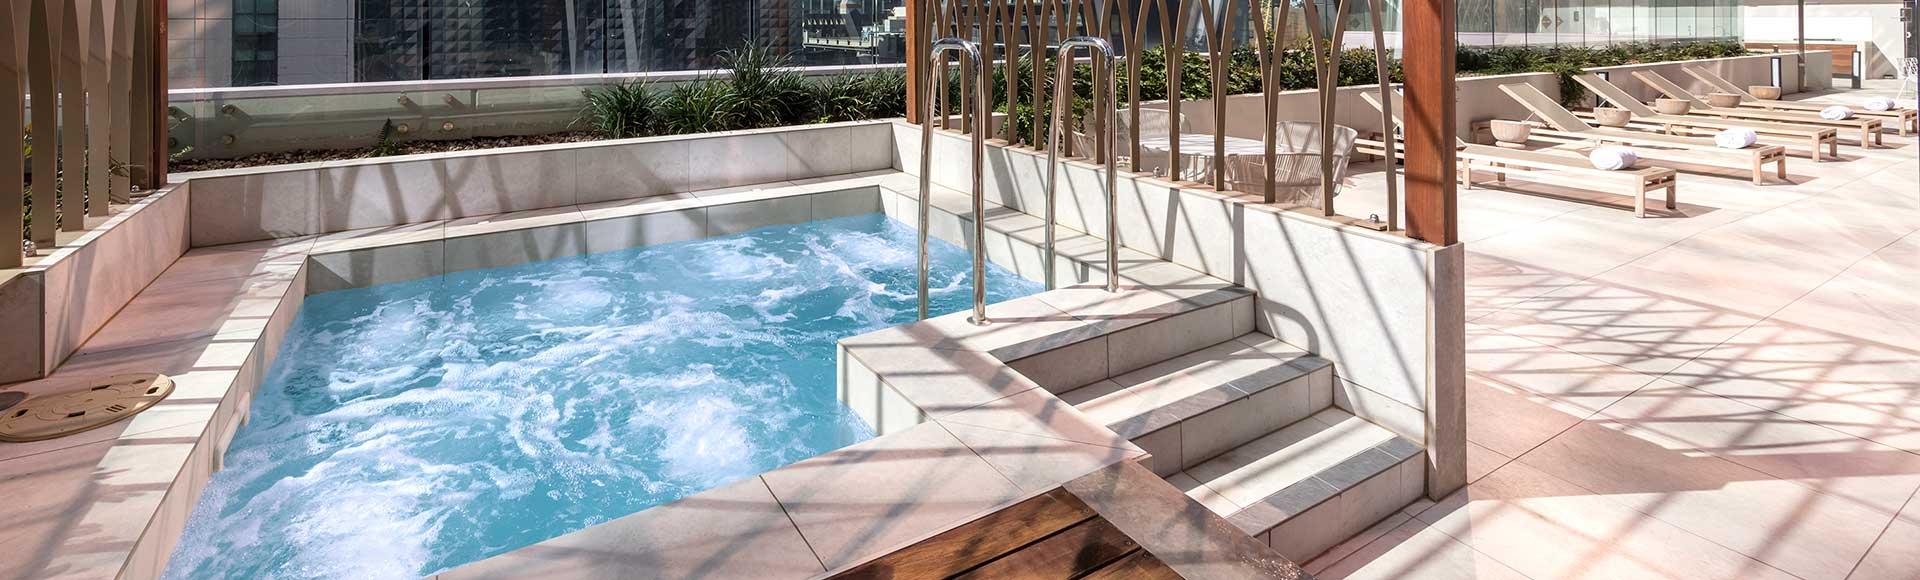 Avani Central Melbourne Spa